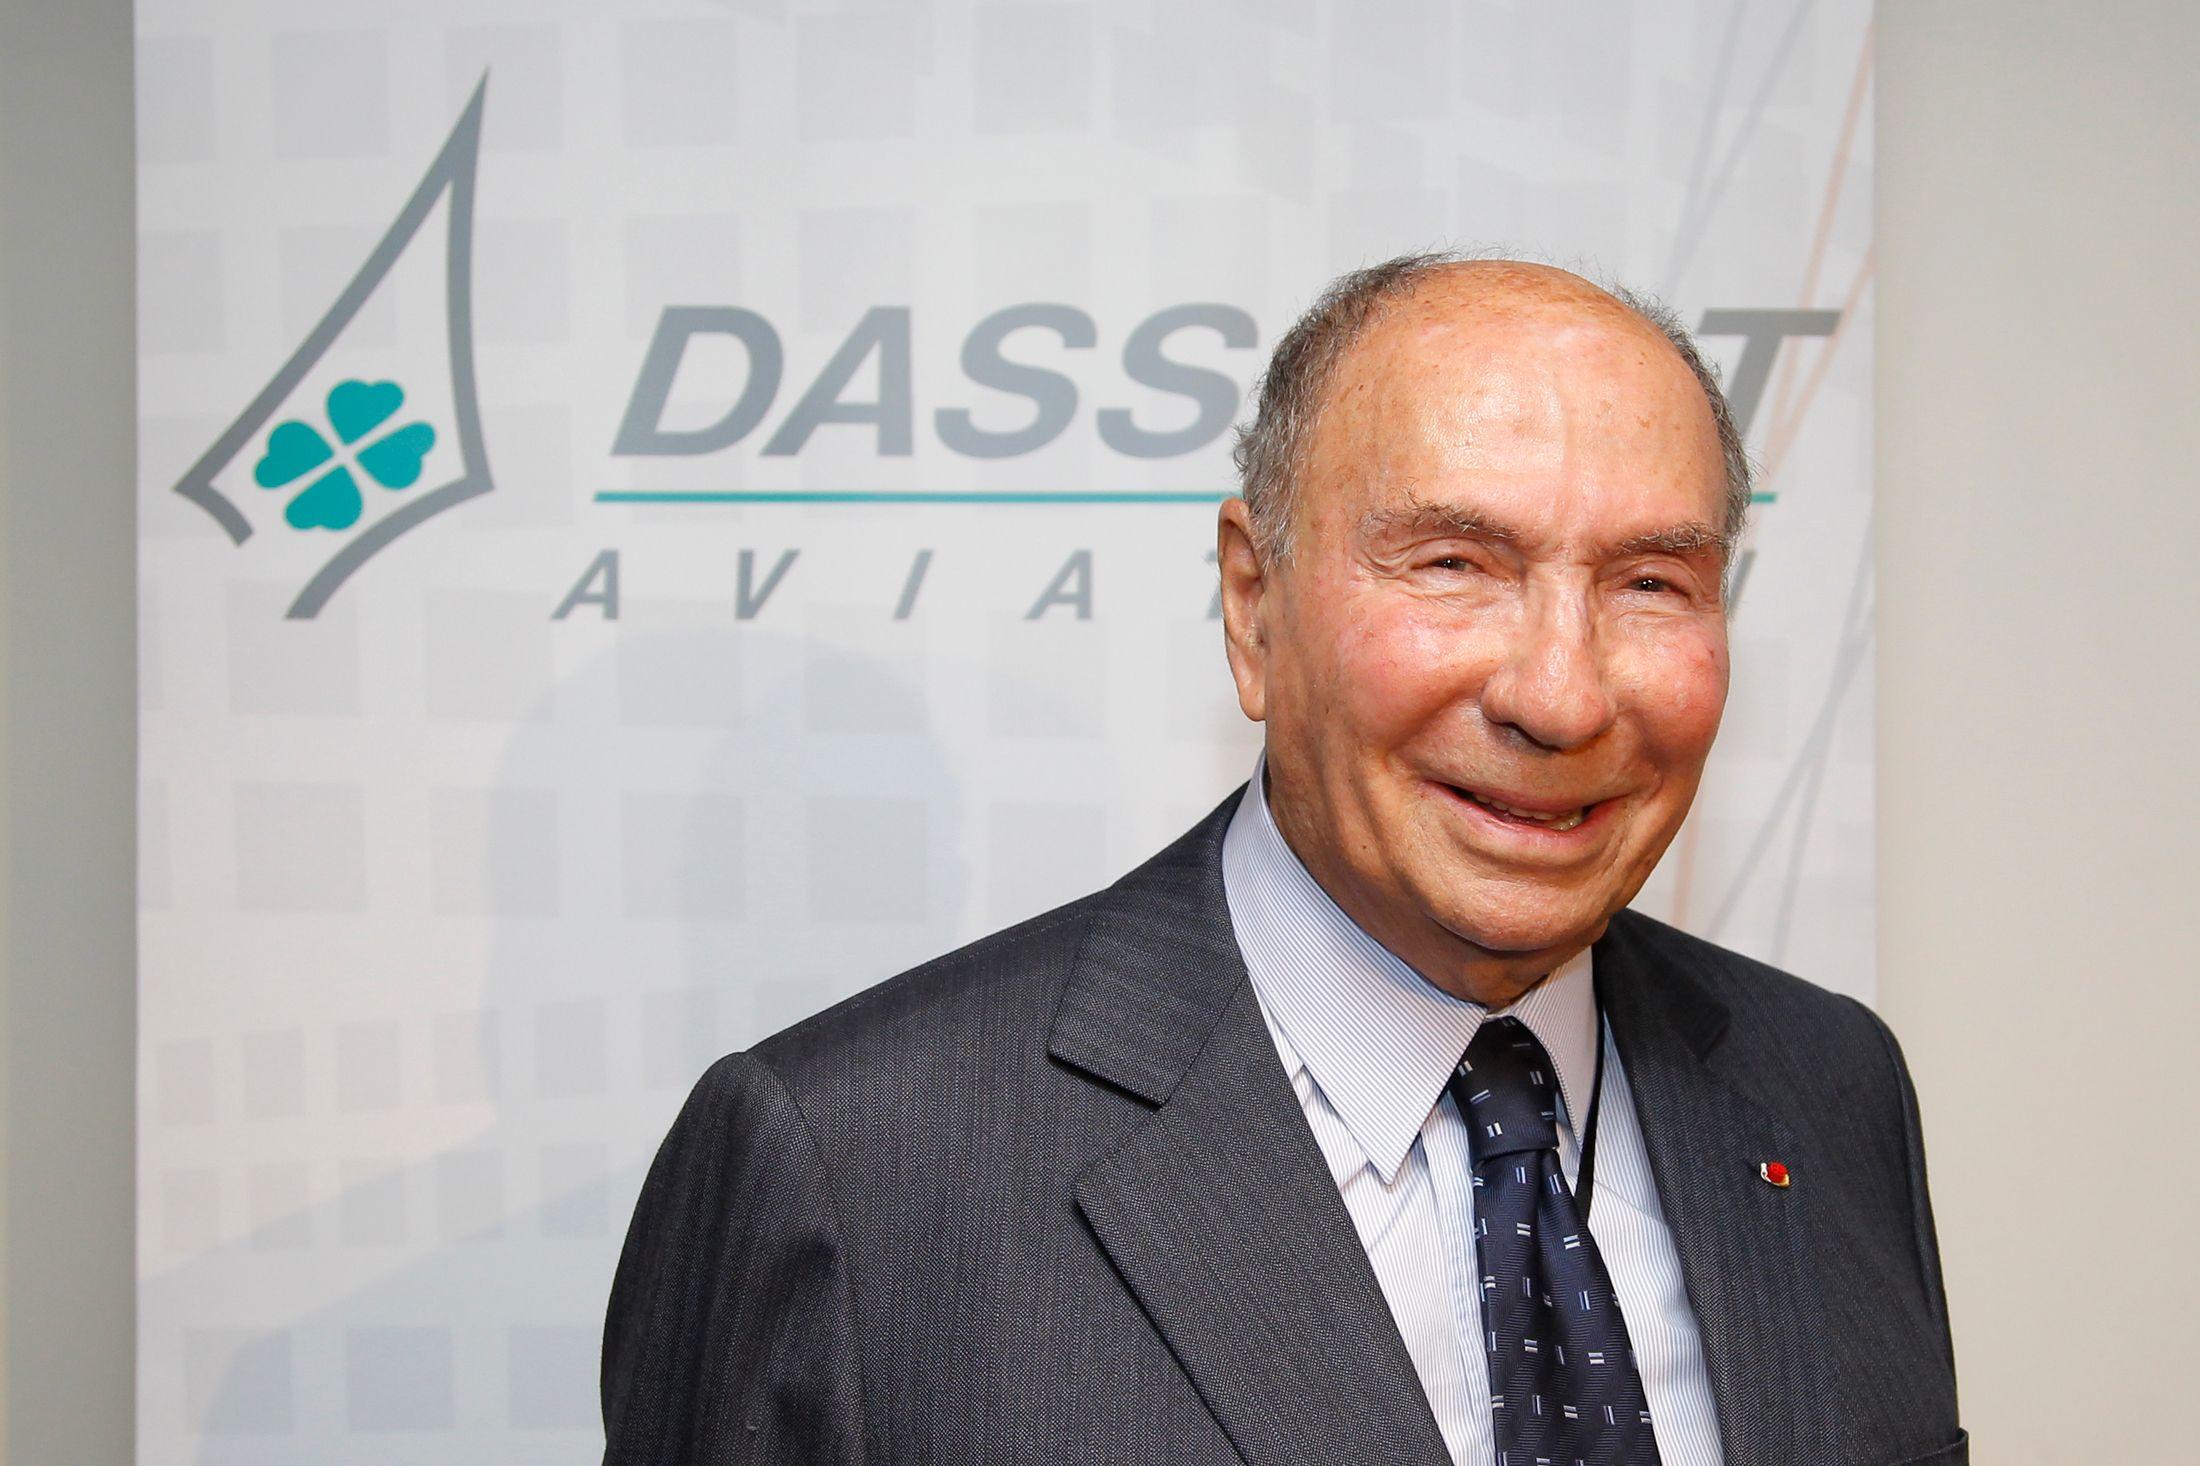 Serge Daasault est de nouveau visé par une plainte